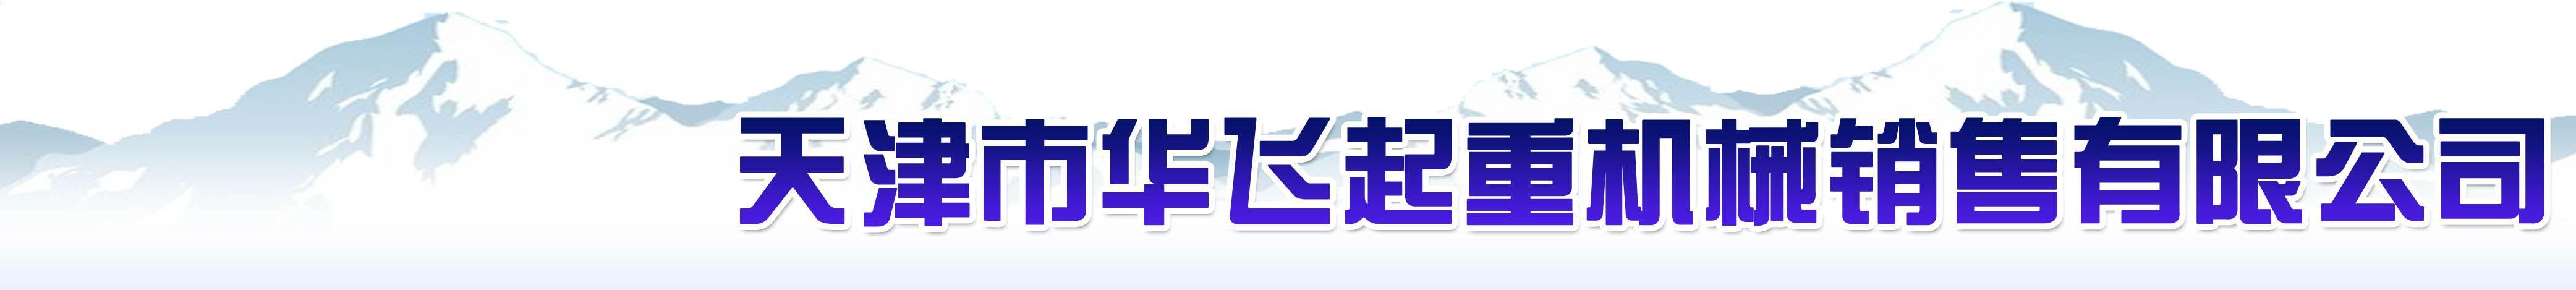 天津飞机票查询时刻表